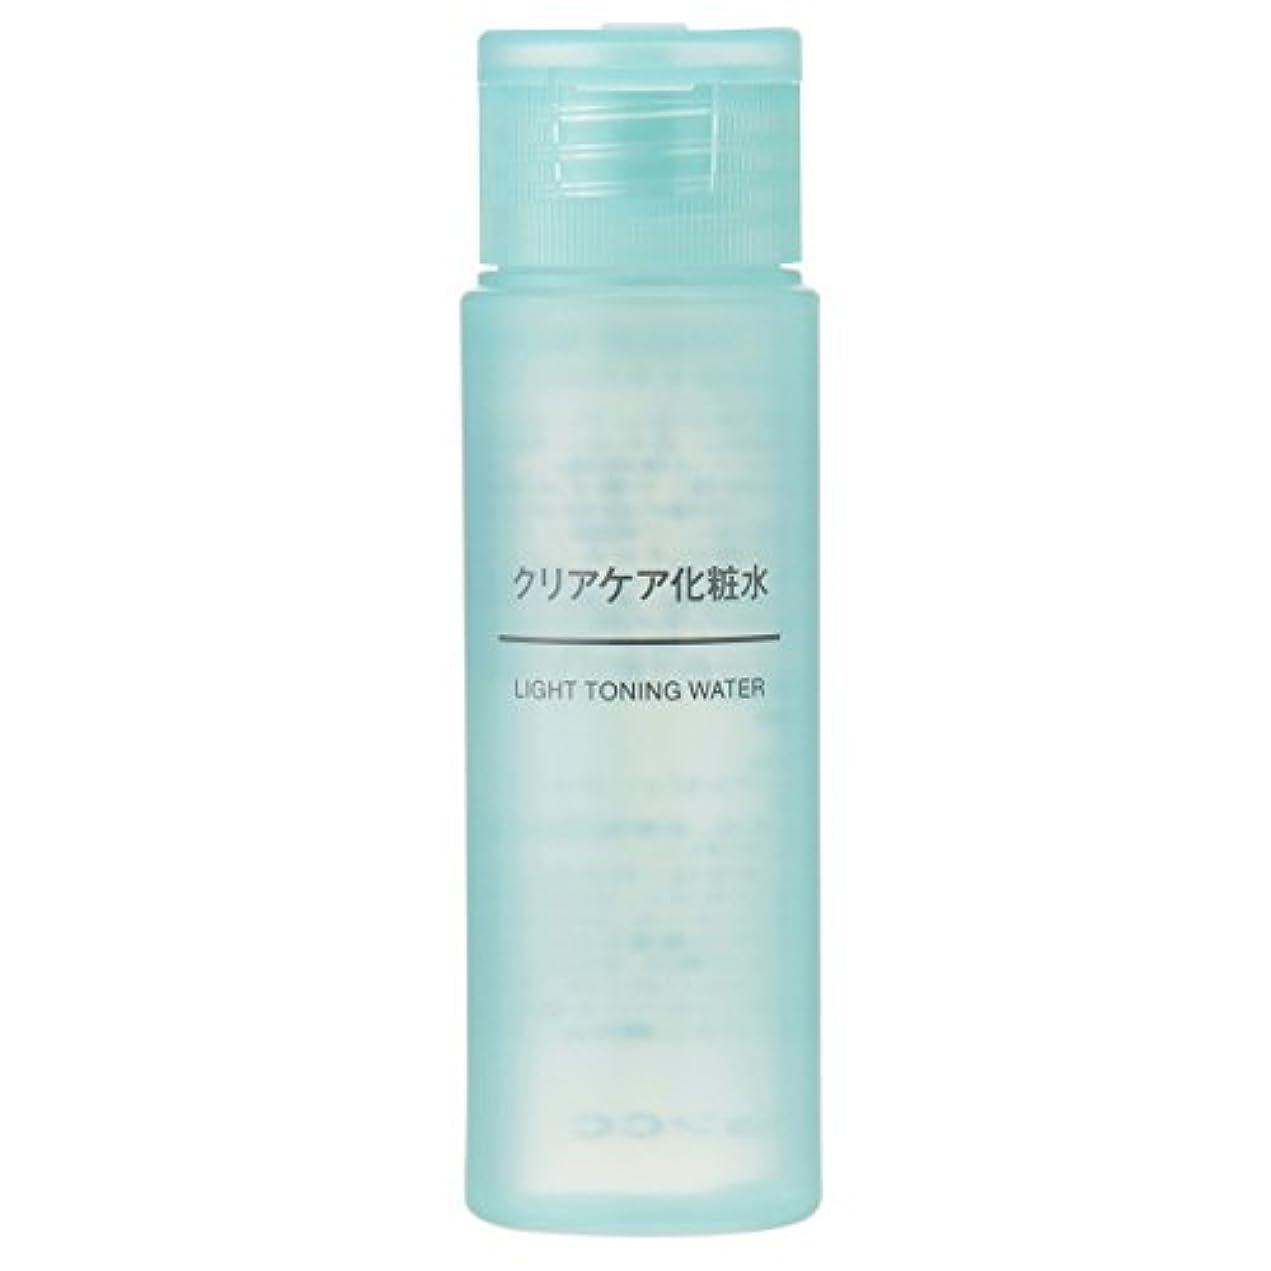 情熱開梱複雑な無印良品 クリアケア化粧水(携帯用) 50ml